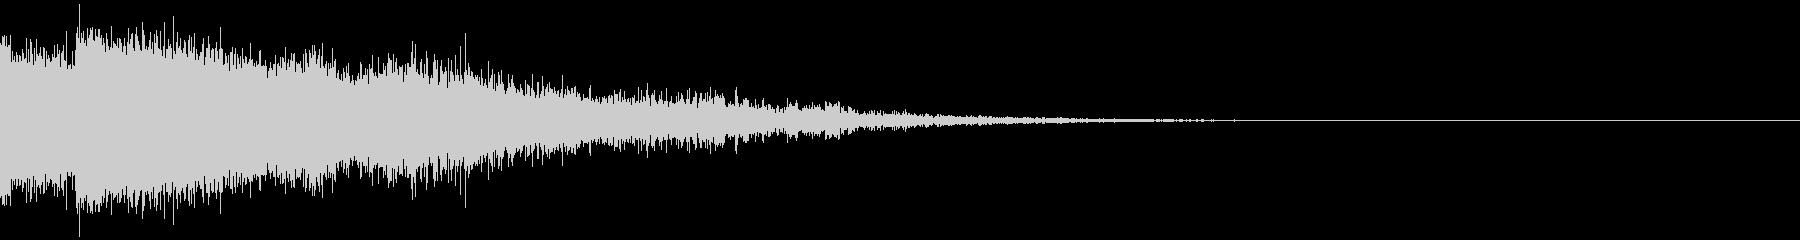 Dark_Sweepdown-09の未再生の波形